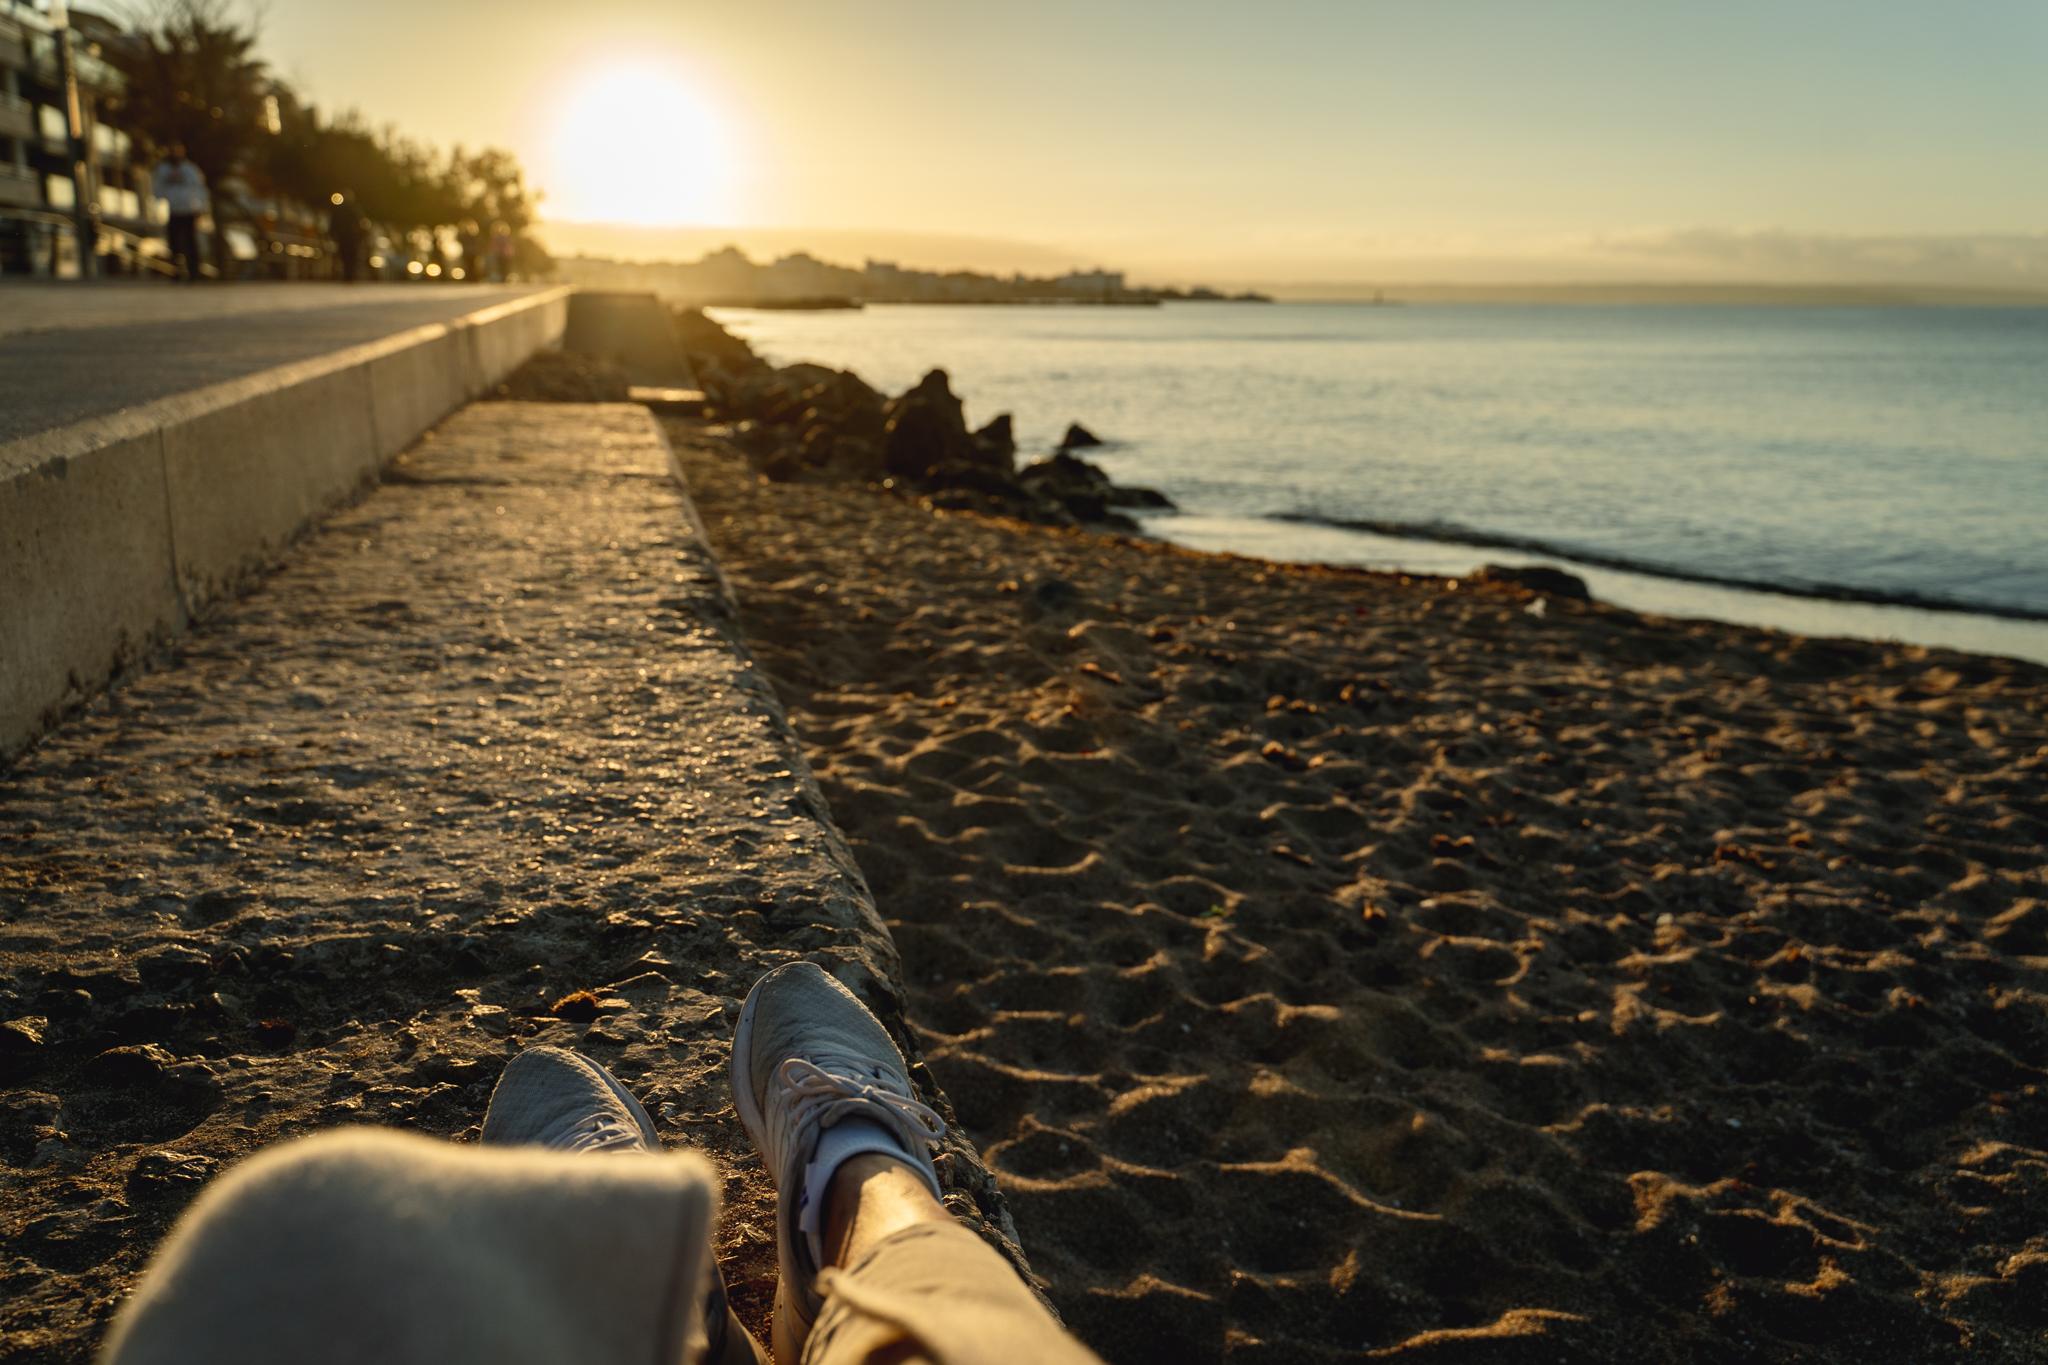 Där jag vill vara – Livet i Palma